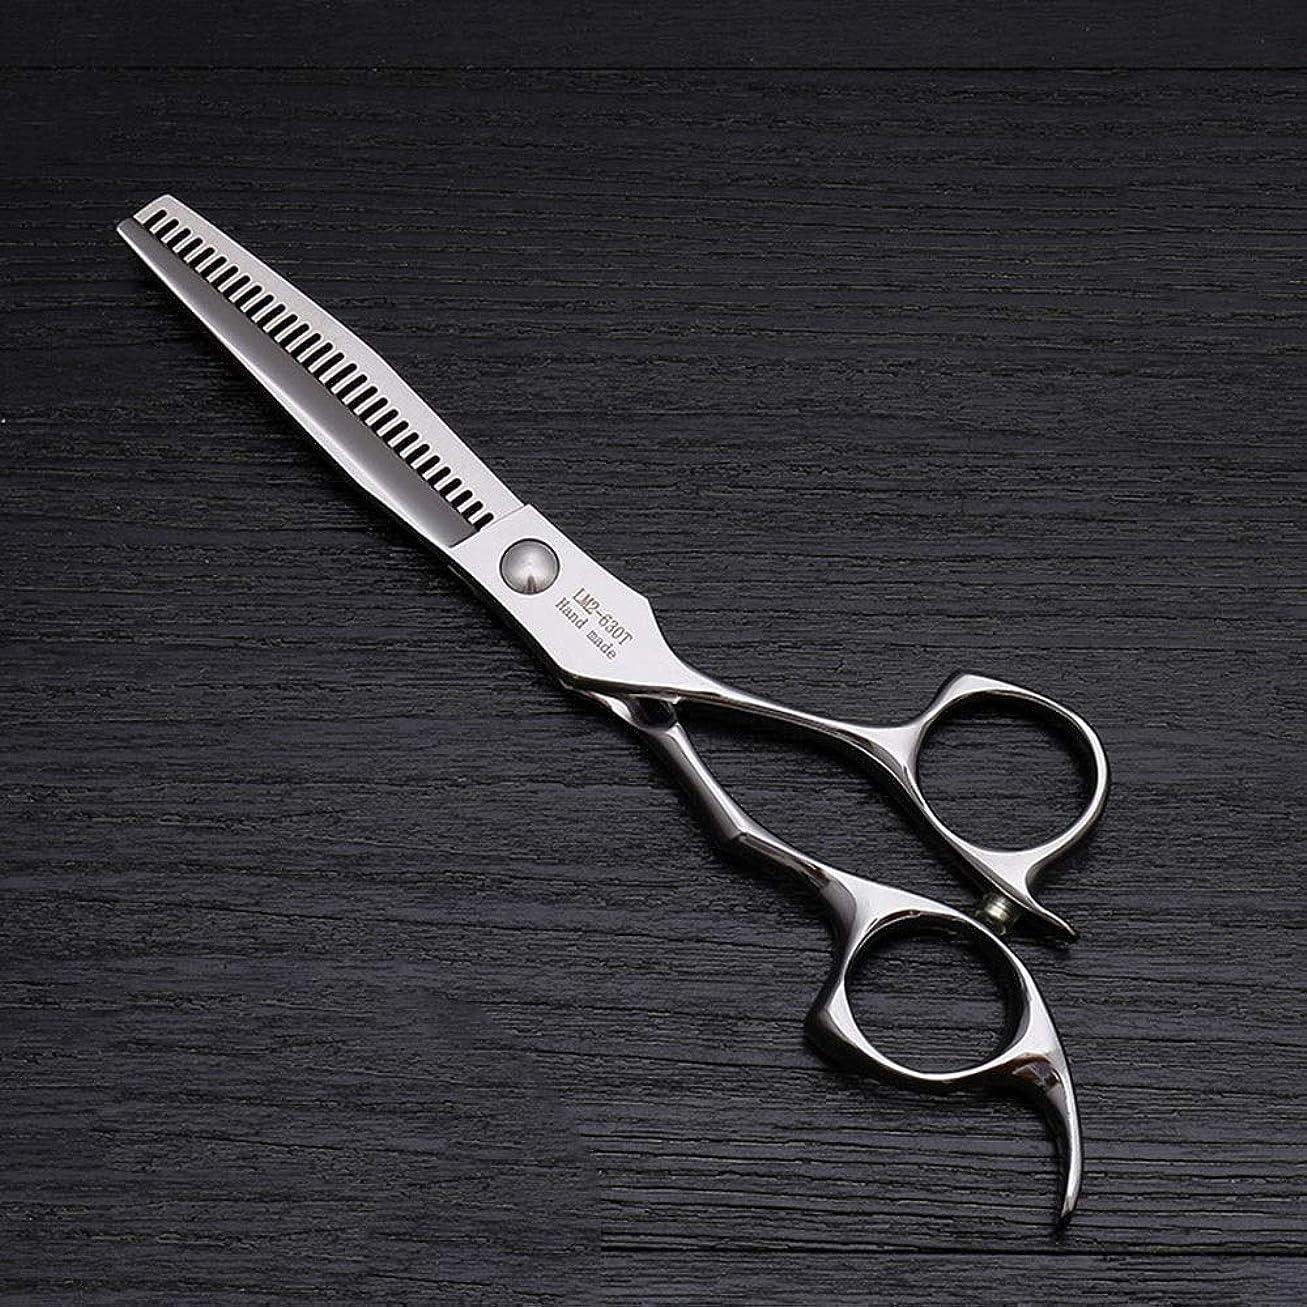 流星活発視線理髪用はさみ 6インチのステンレス鋼の理髪はさみ、美容院の毛の切断用具の薄くなるはさみの毛の切断はさみのステンレス製の理髪師のはさみ (色 : Silver)